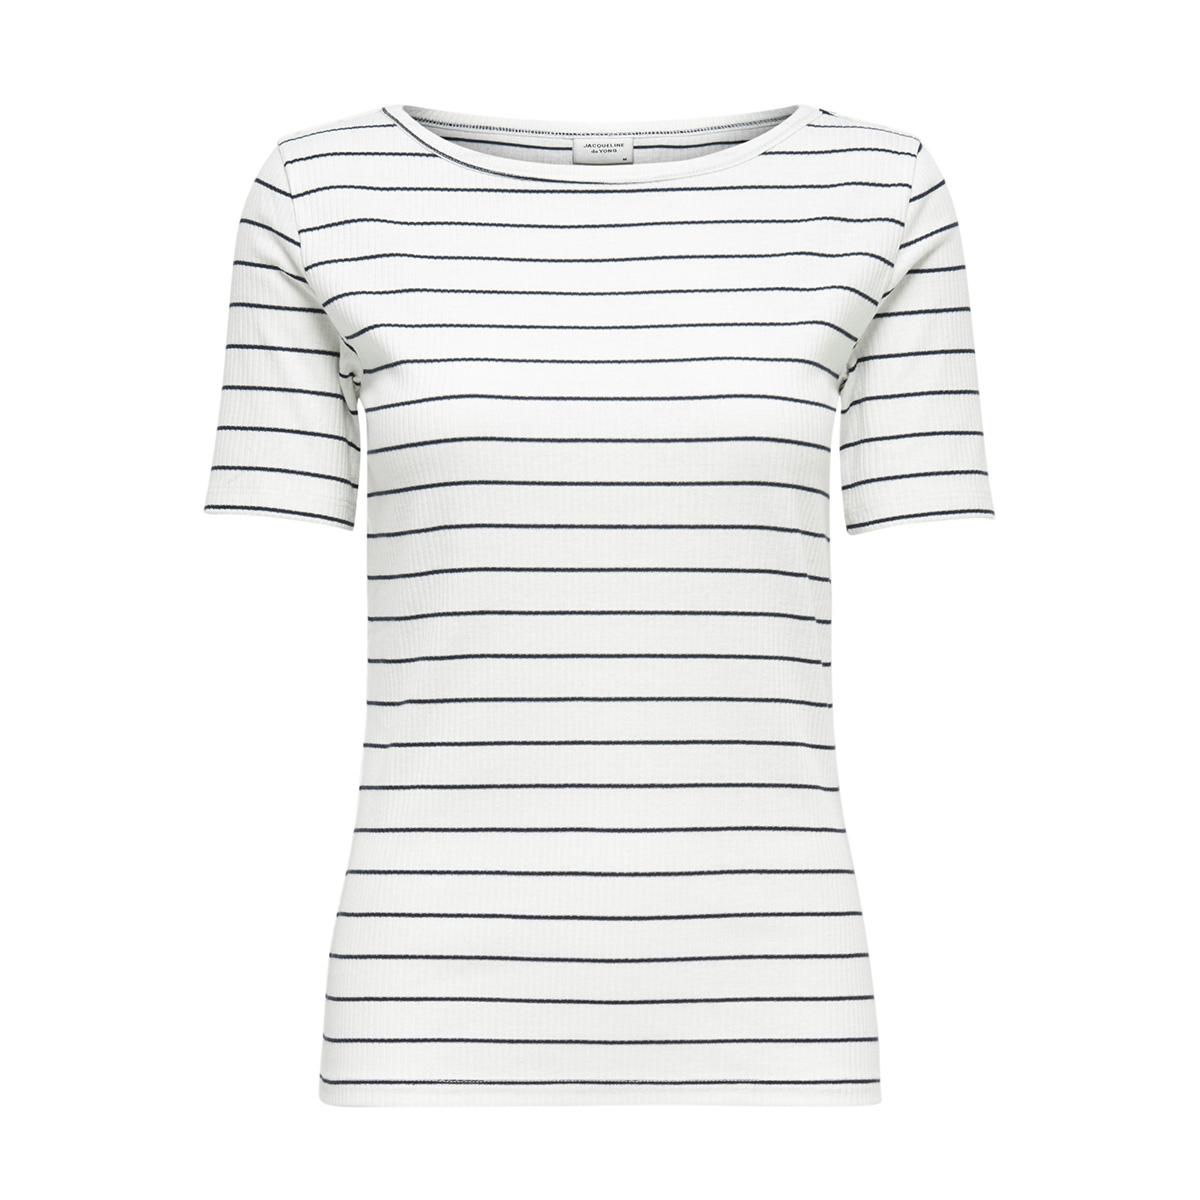 jdynevada icon s s top jrs 15173916 jacqueline de yong t-shirt cloud dancer/navy blaze